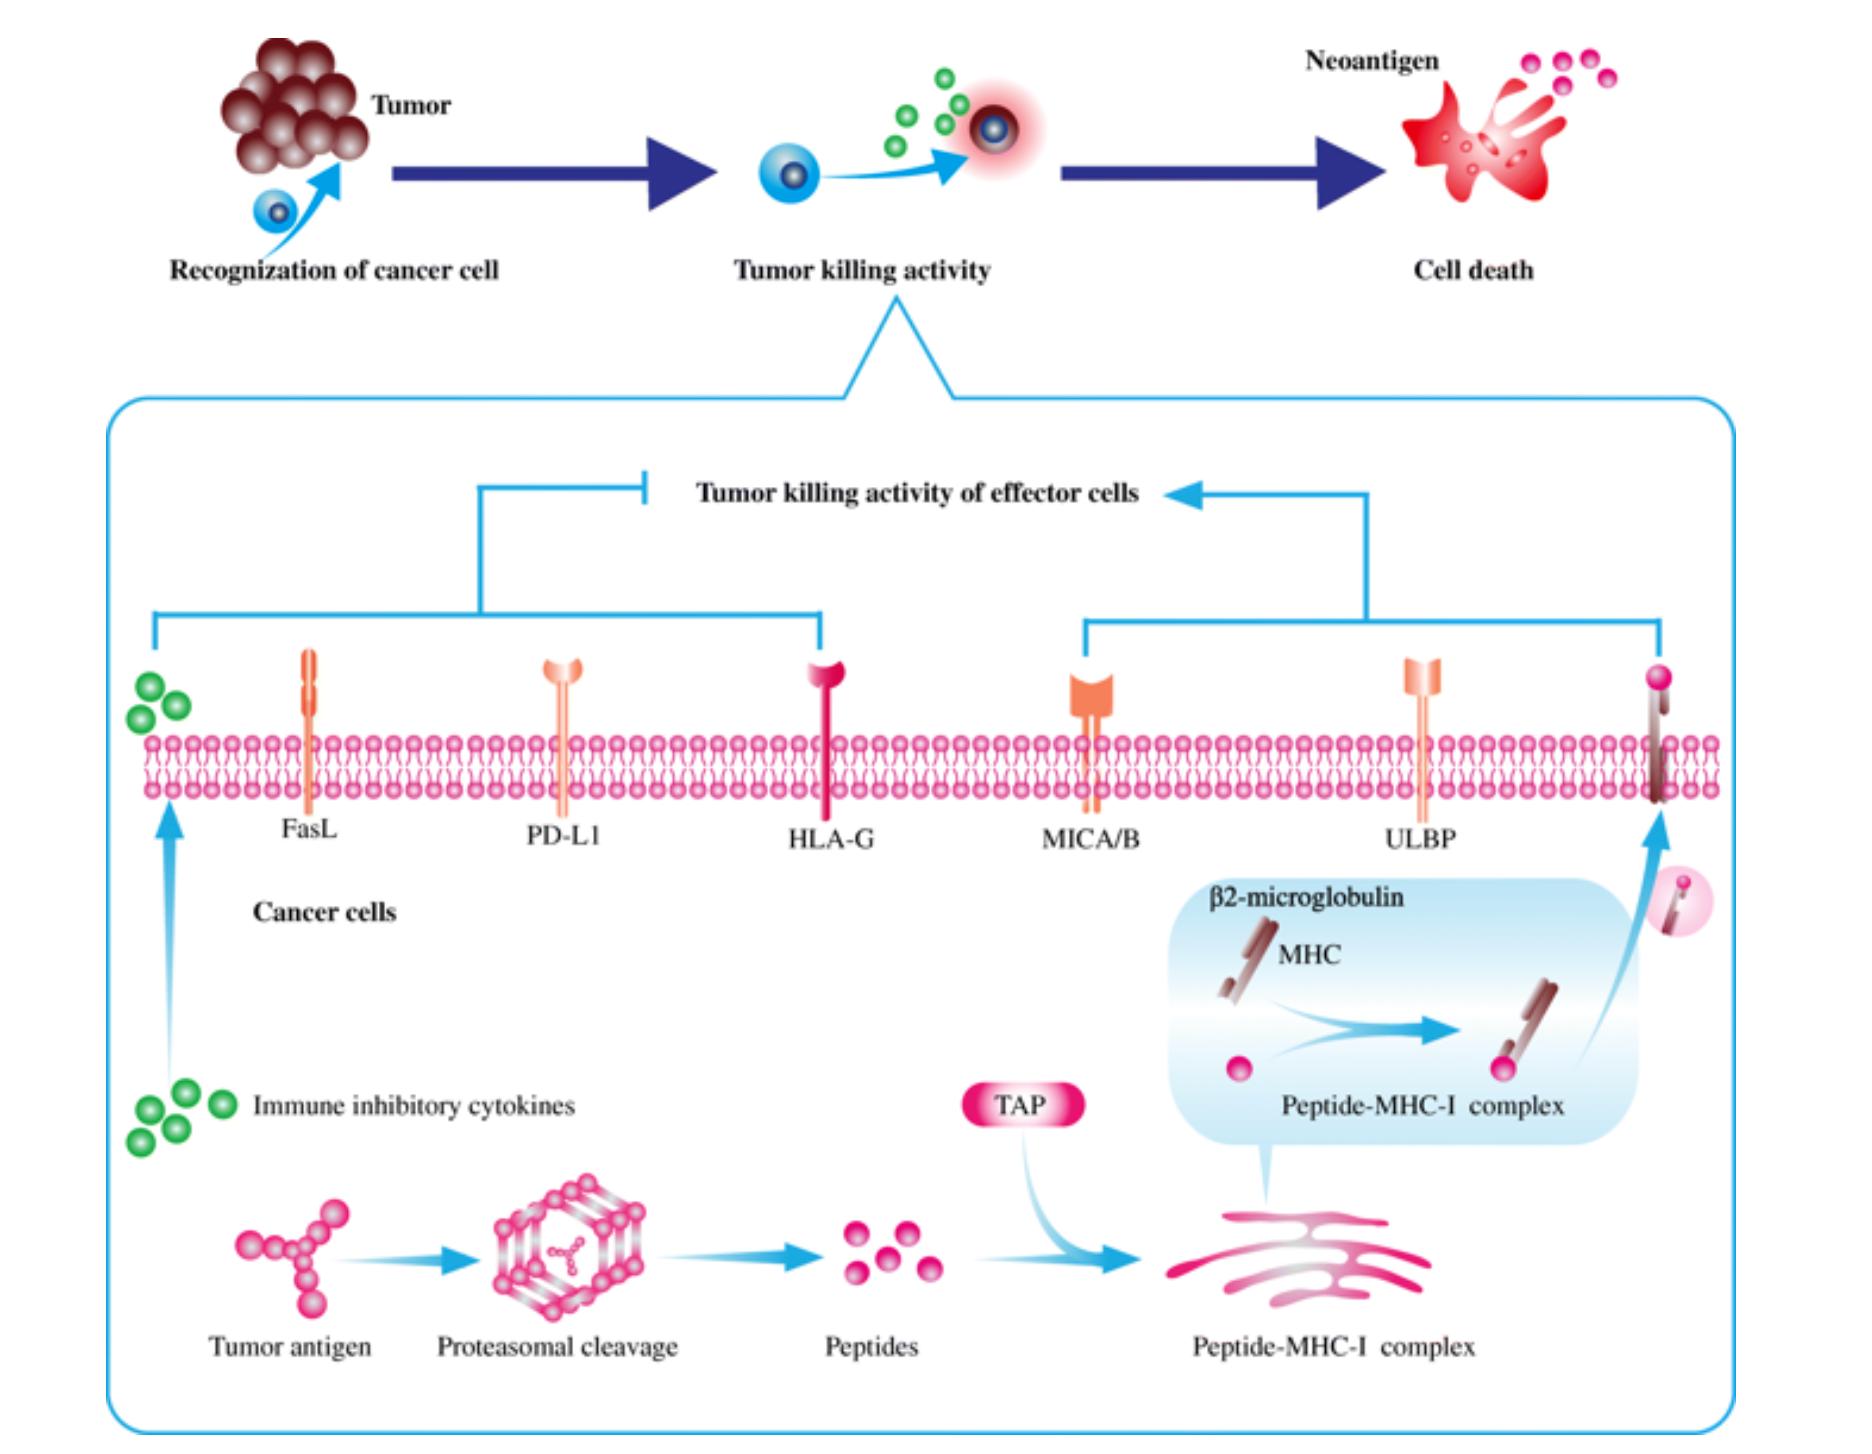 华中科技大学综述:肿瘤miRNA通过外泌体等多种途径帮助肿瘤免疫逃逸